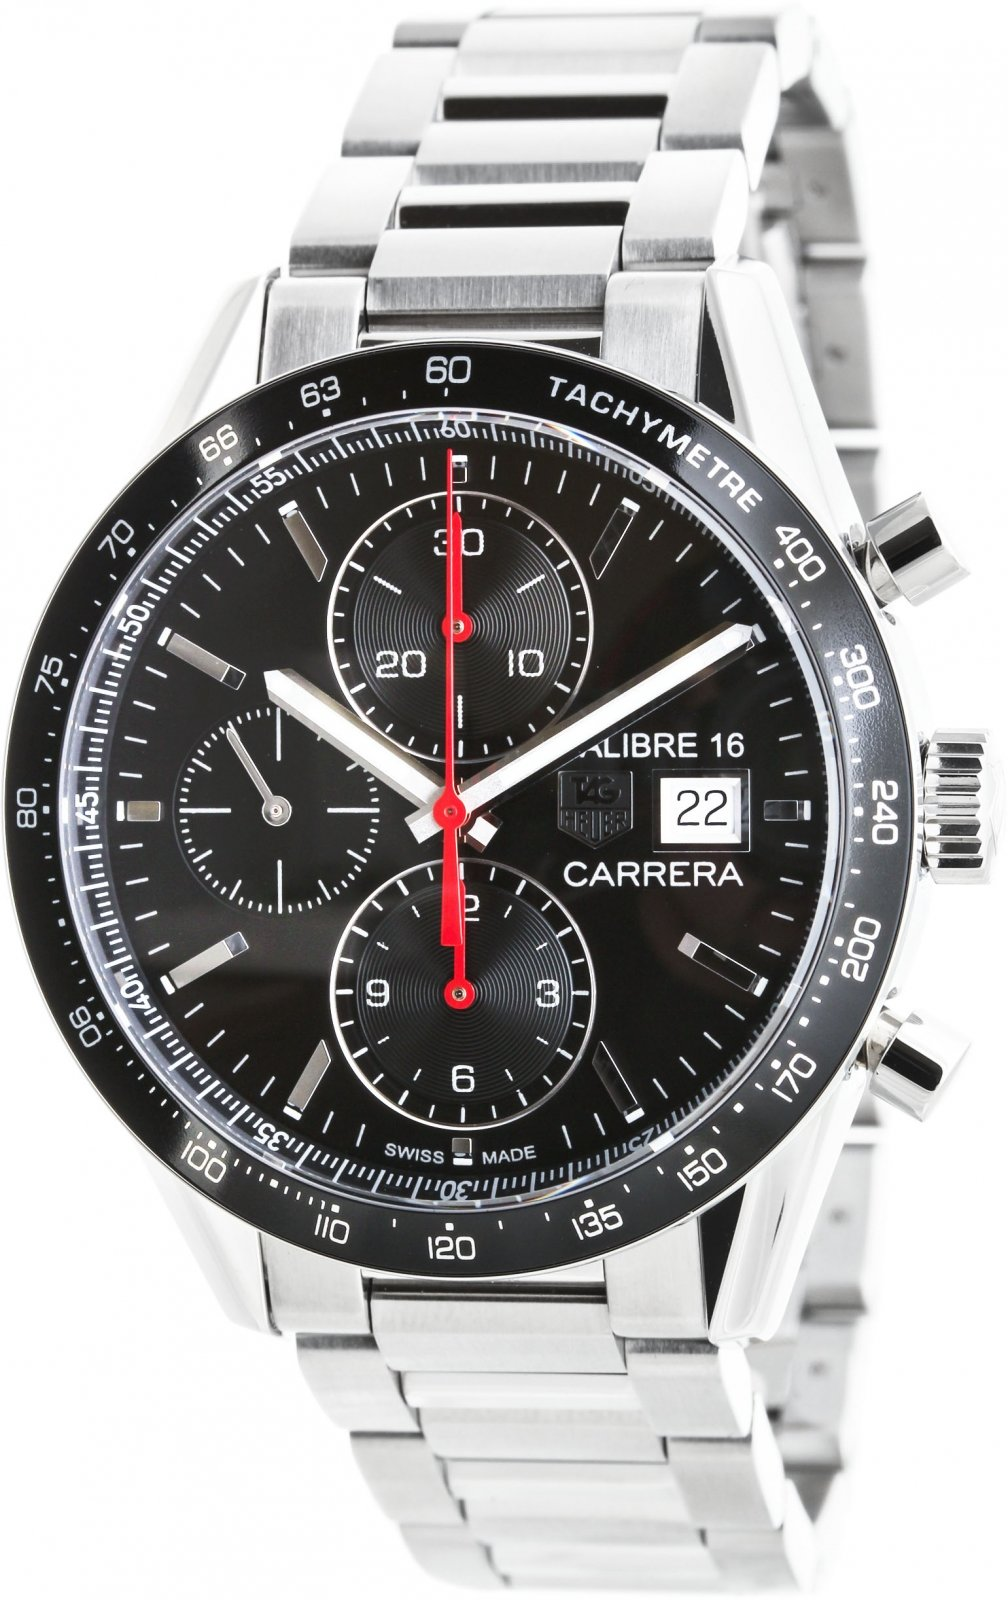 Часы таг хоер каррера калибр 16 — линейка на основе го калибра, созданная в рамках легендарной коллекции для автогонщиков carrera.